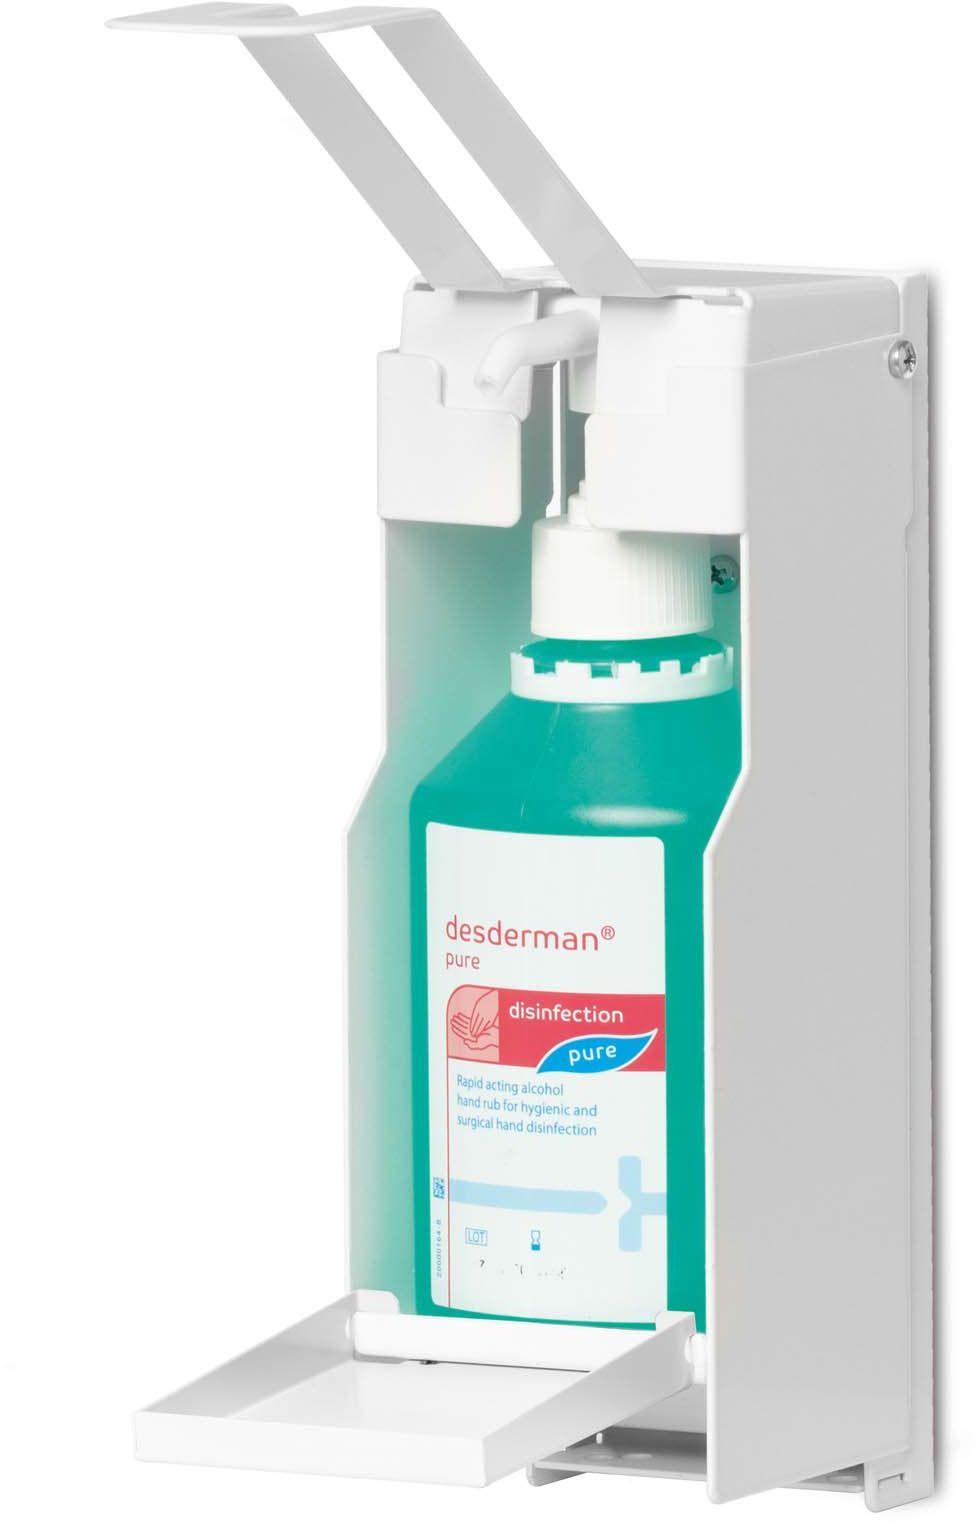 Durable 589302 dozownik ścienny do środków dezynfekujących lub mydła, z długą dźwignią ramienia, elastyczne dopasowanie do butelek o pojemności do 500 ml, biały